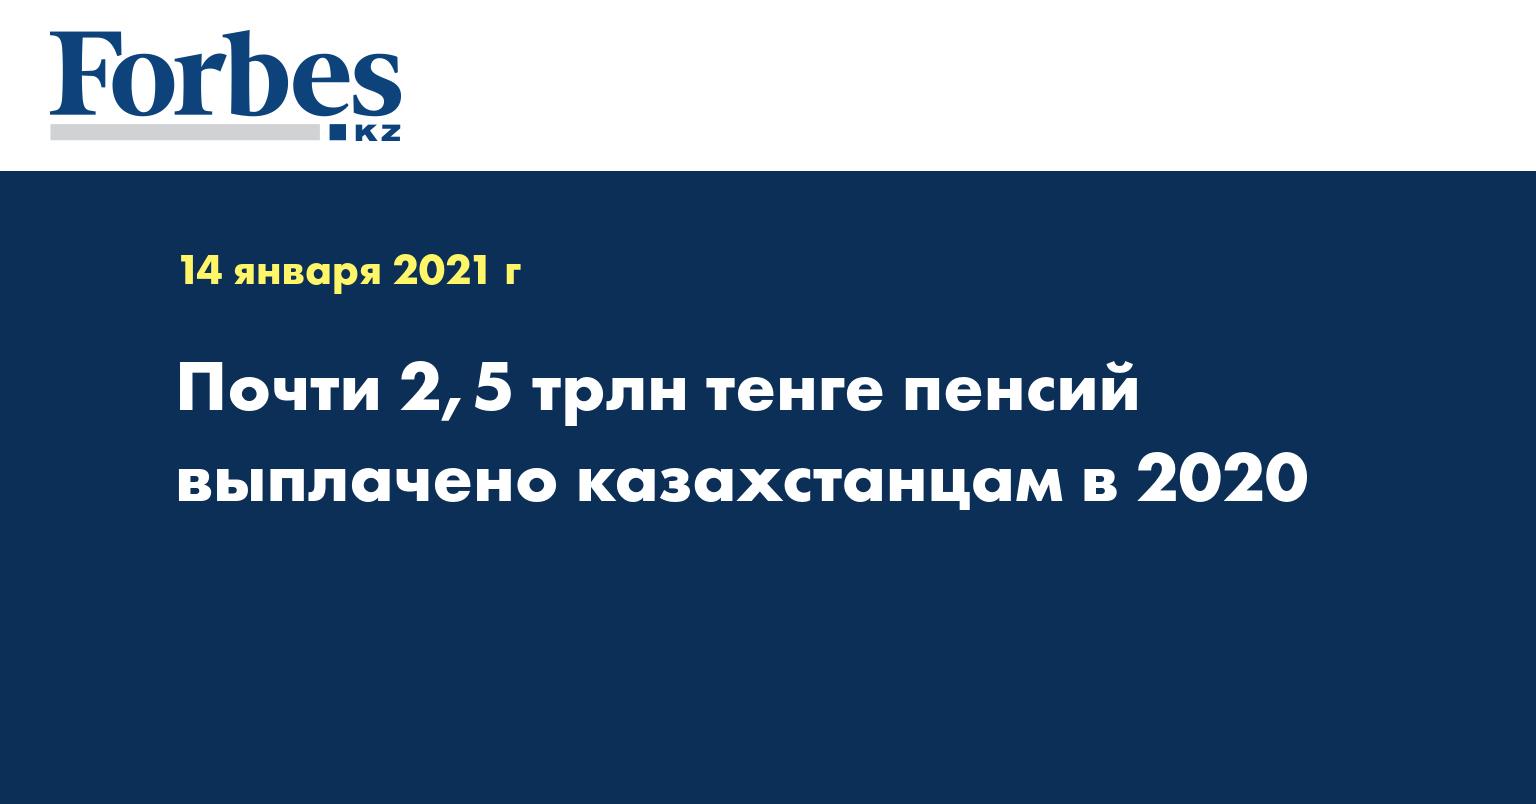 Почти 2,5 трлн тенге  пенсий выплачено казахстанцам в 2020